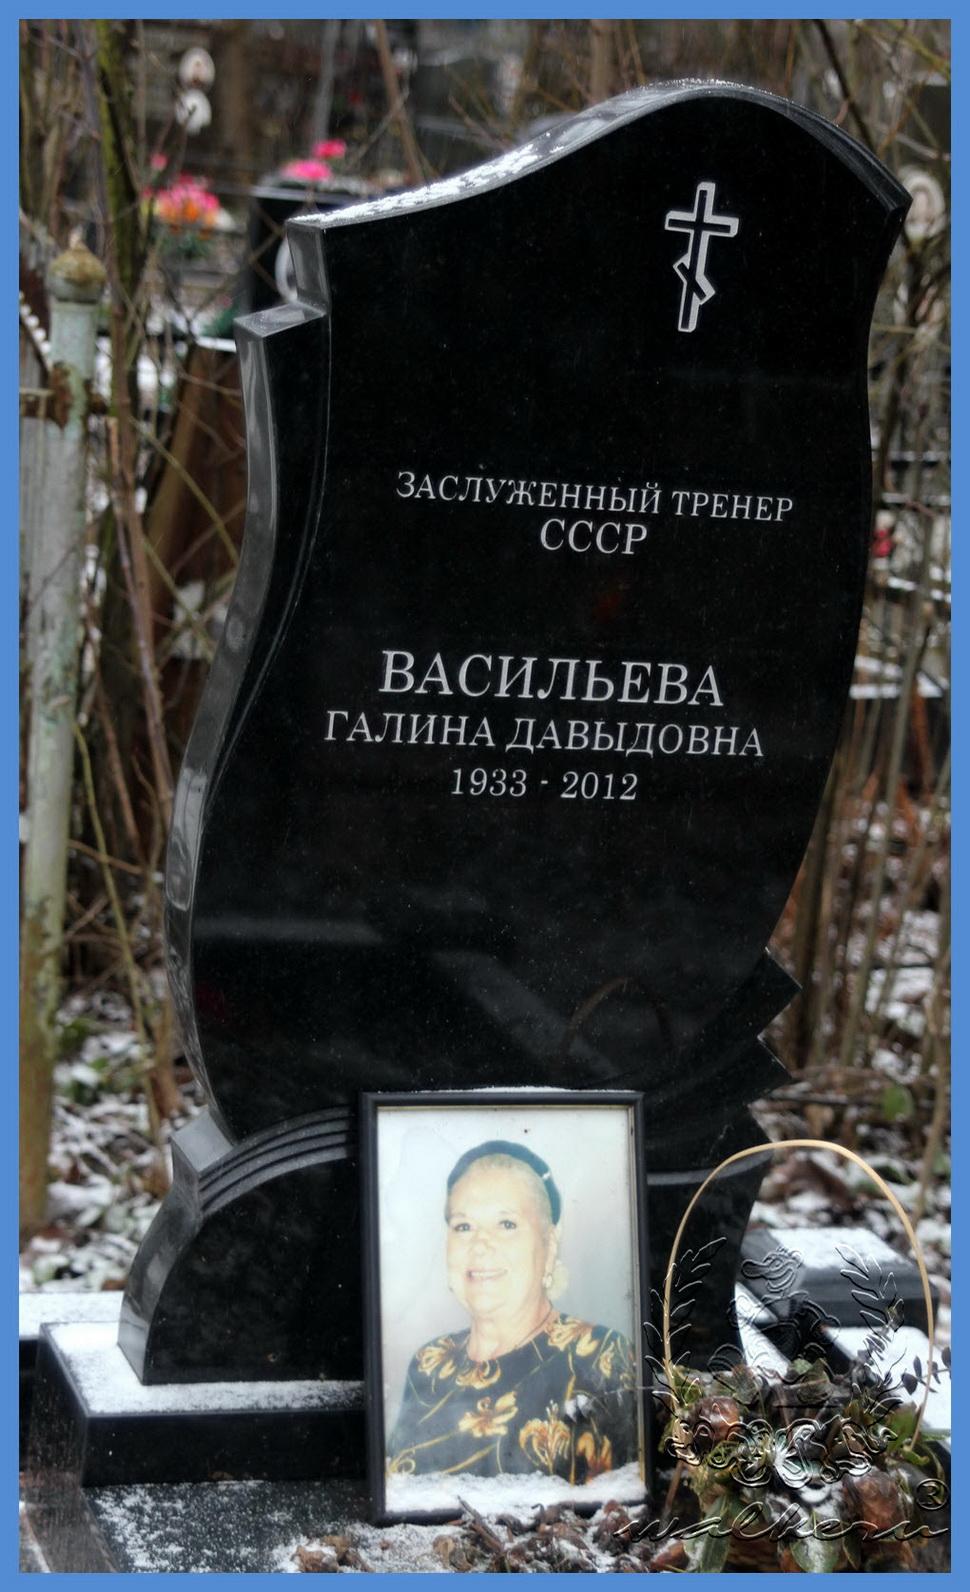 Васильева Галина Давыдовна